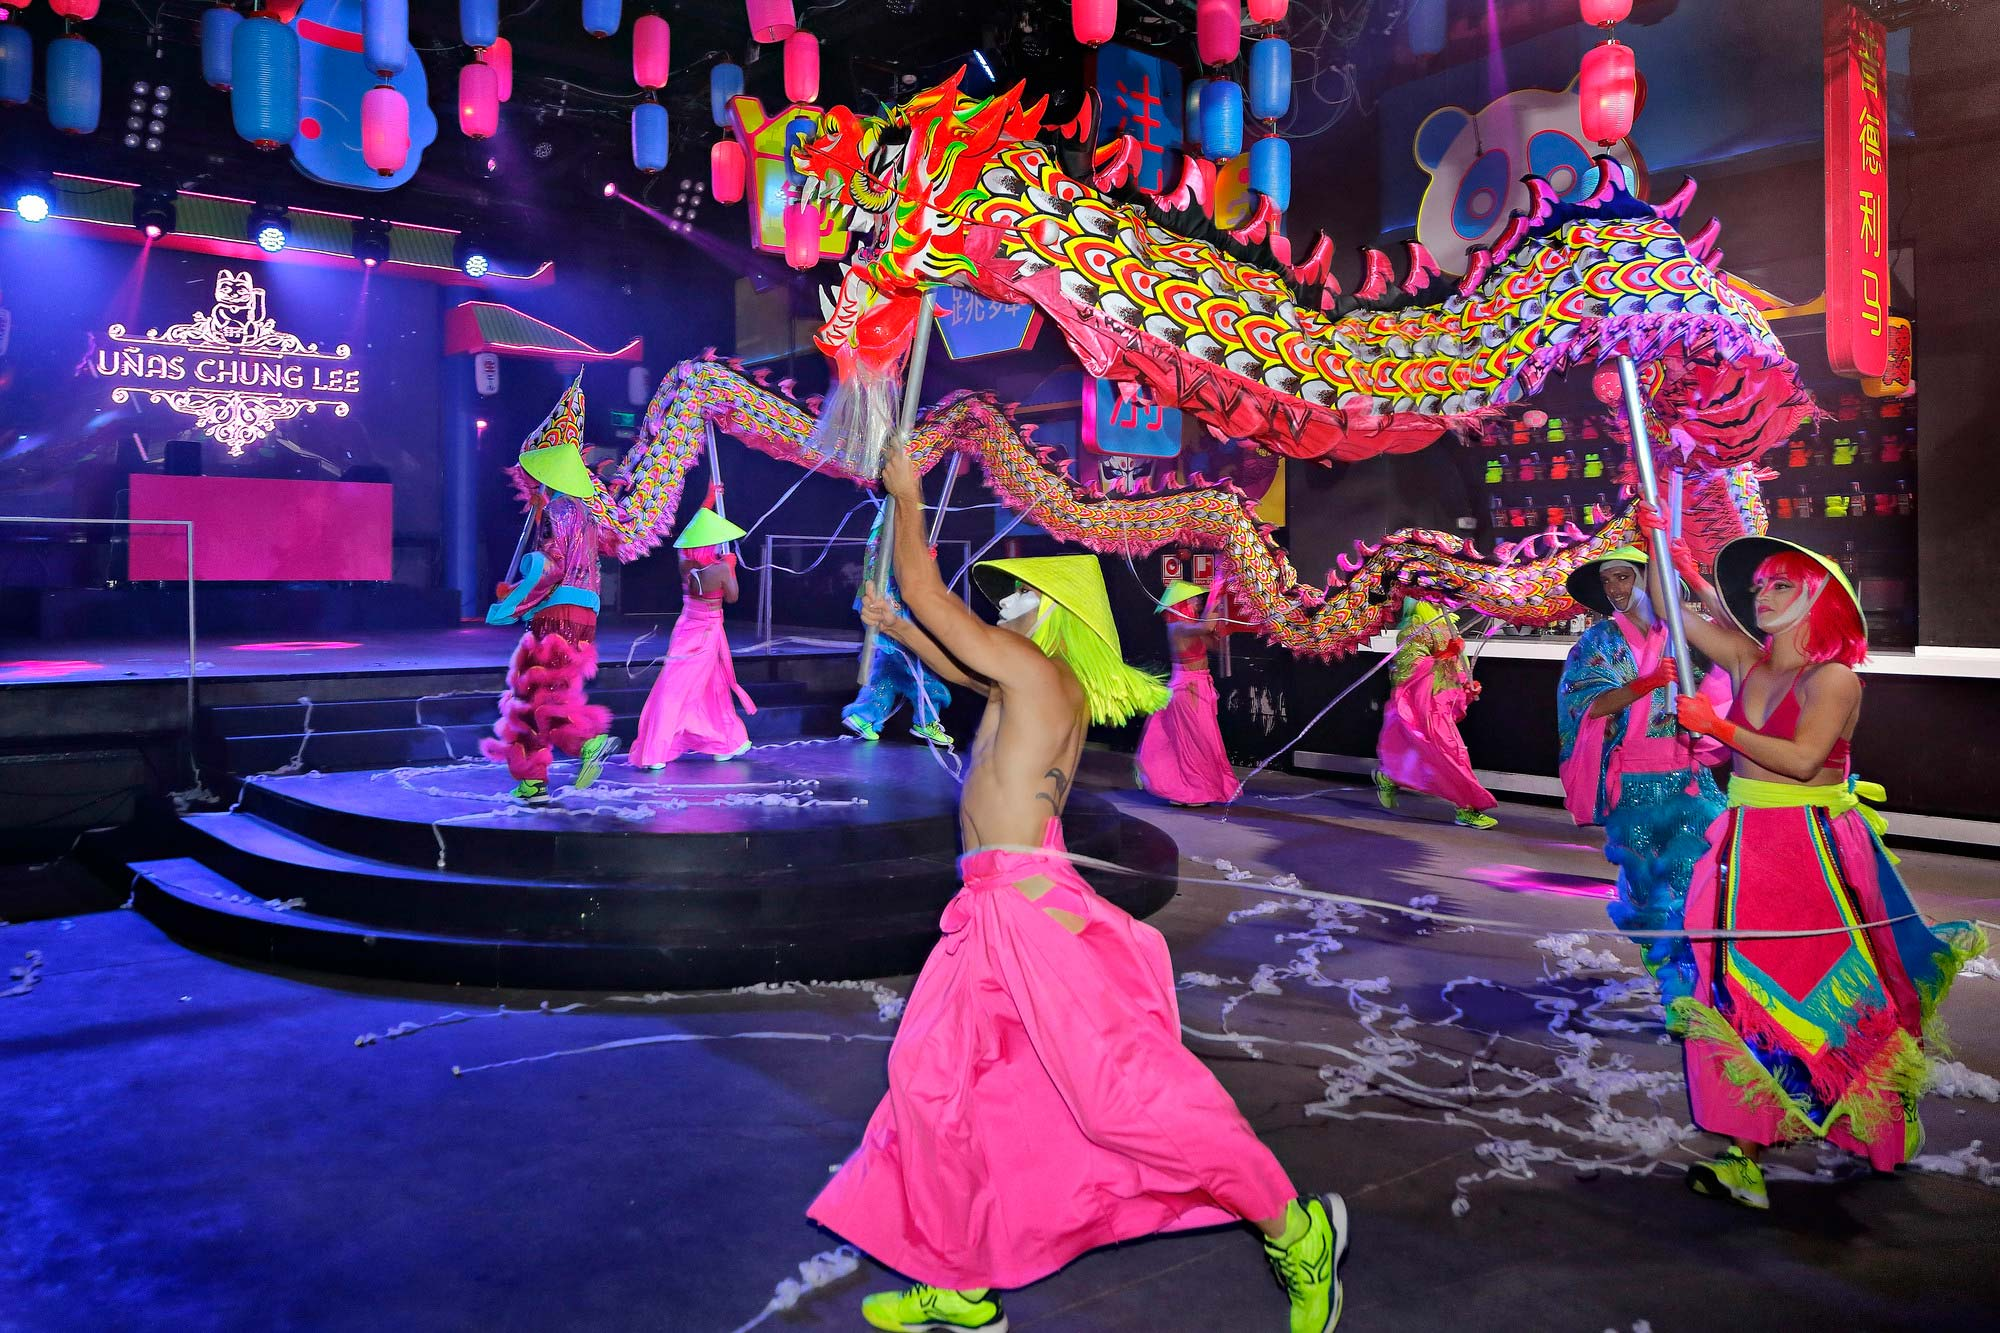 El dragón de diez metros simula la celebración del Año Nuevo Chino.